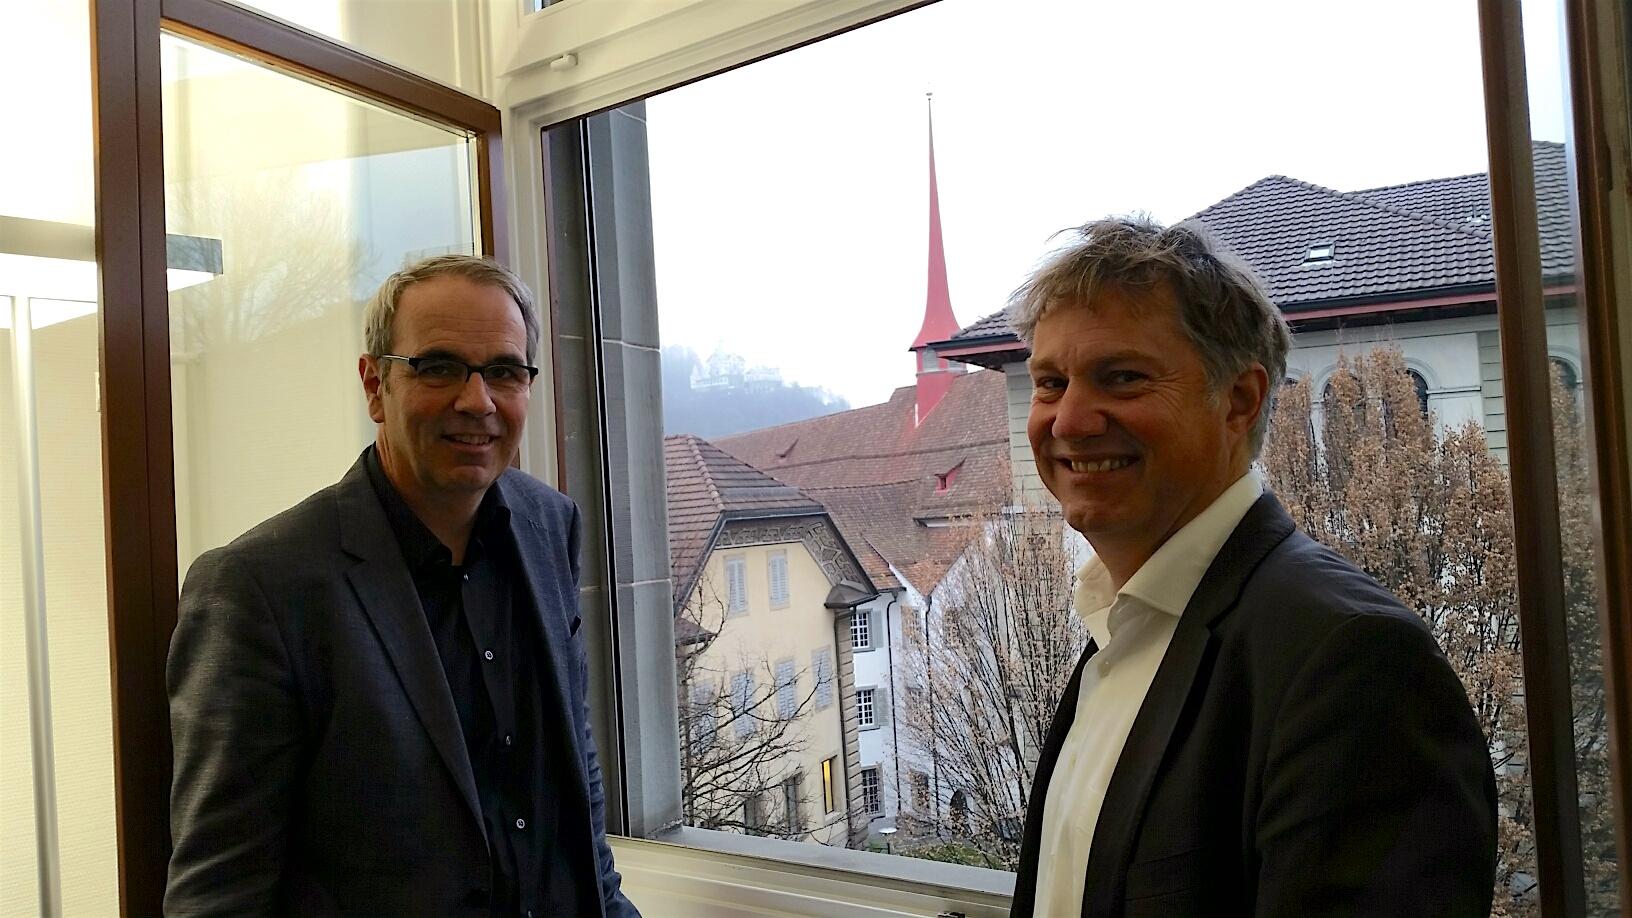 Beat Züsli (links) und Cyrill Wiget im Büro des Luzerner Stadtpräsidenten.